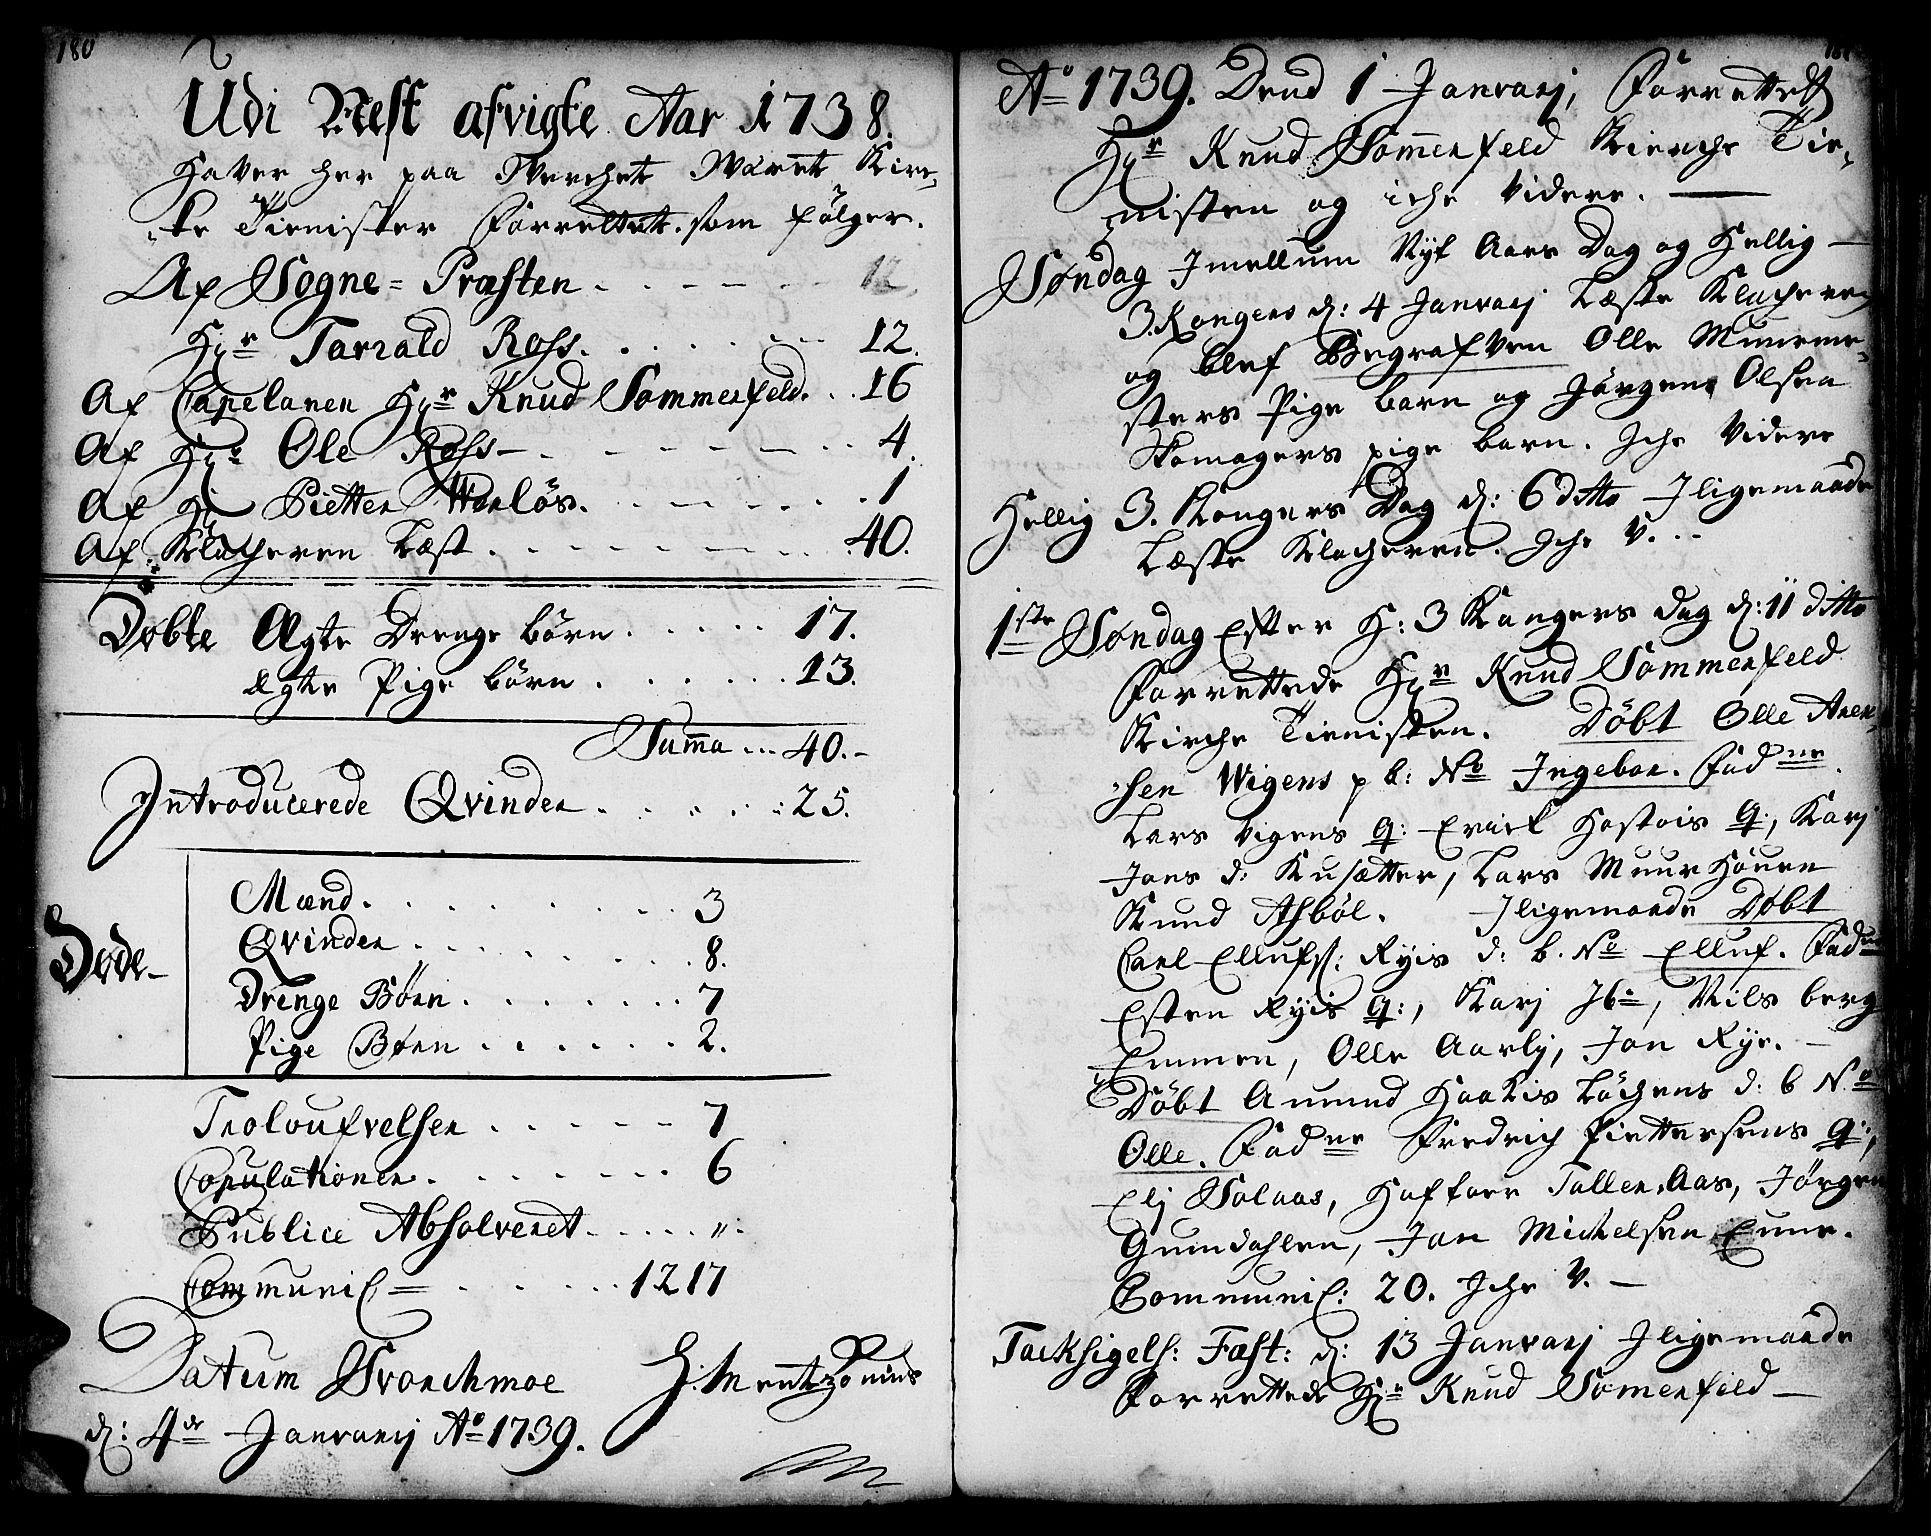 SAT, Ministerialprotokoller, klokkerbøker og fødselsregistre - Sør-Trøndelag, 671/L0839: Ministerialbok nr. 671A01, 1730-1755, s. 180-181